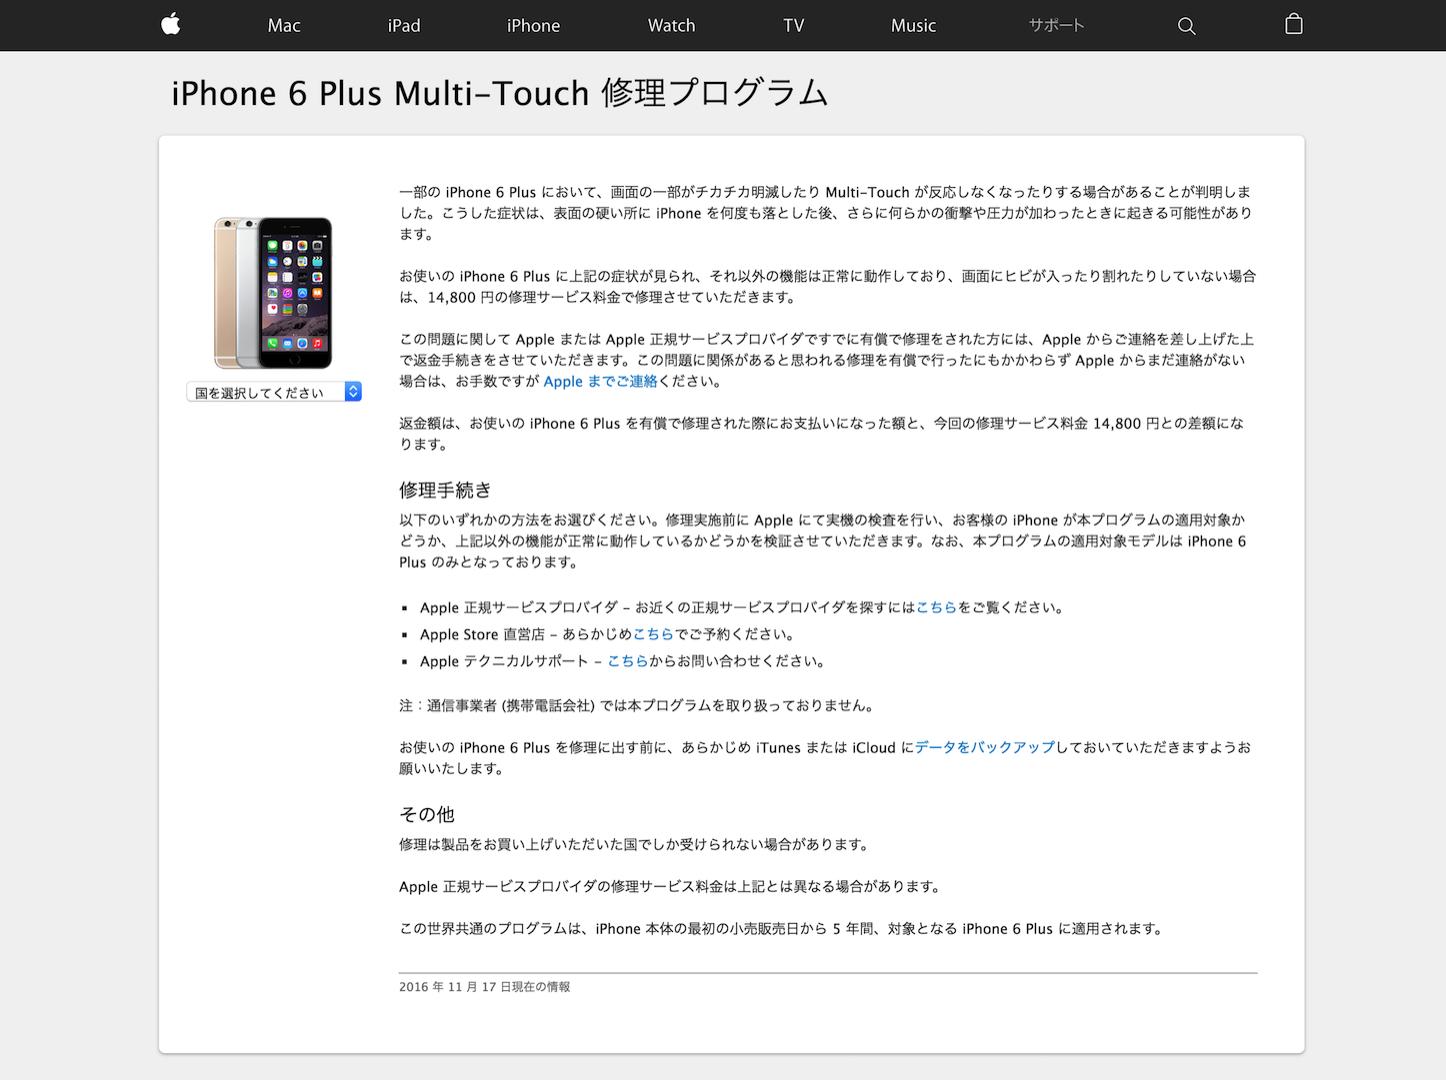 Iphone6plus multitouch program